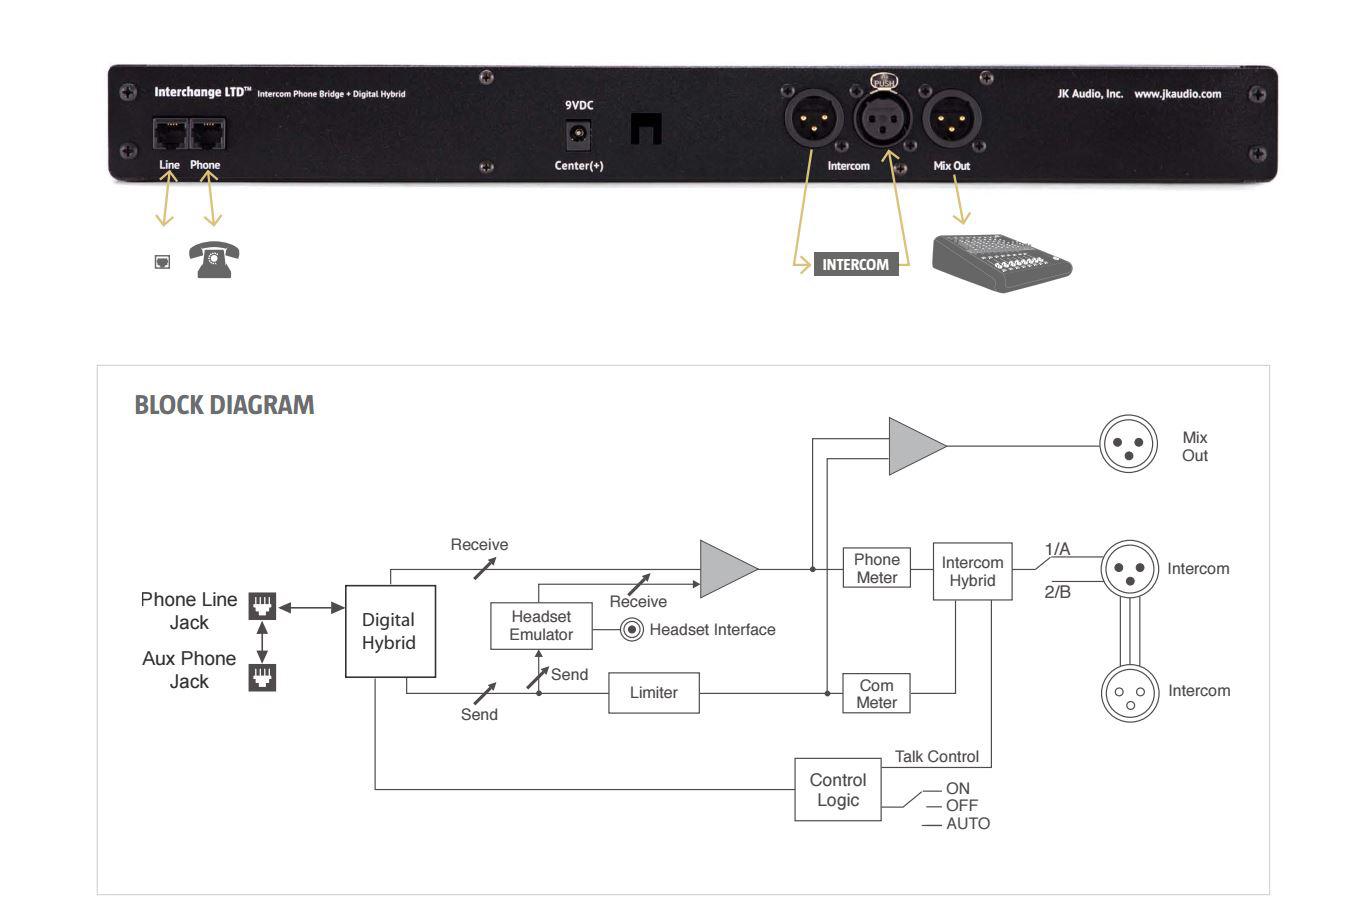 JK INTCHG LTD jk audio intchgltd interchange ltd intercom phone bridge & digital